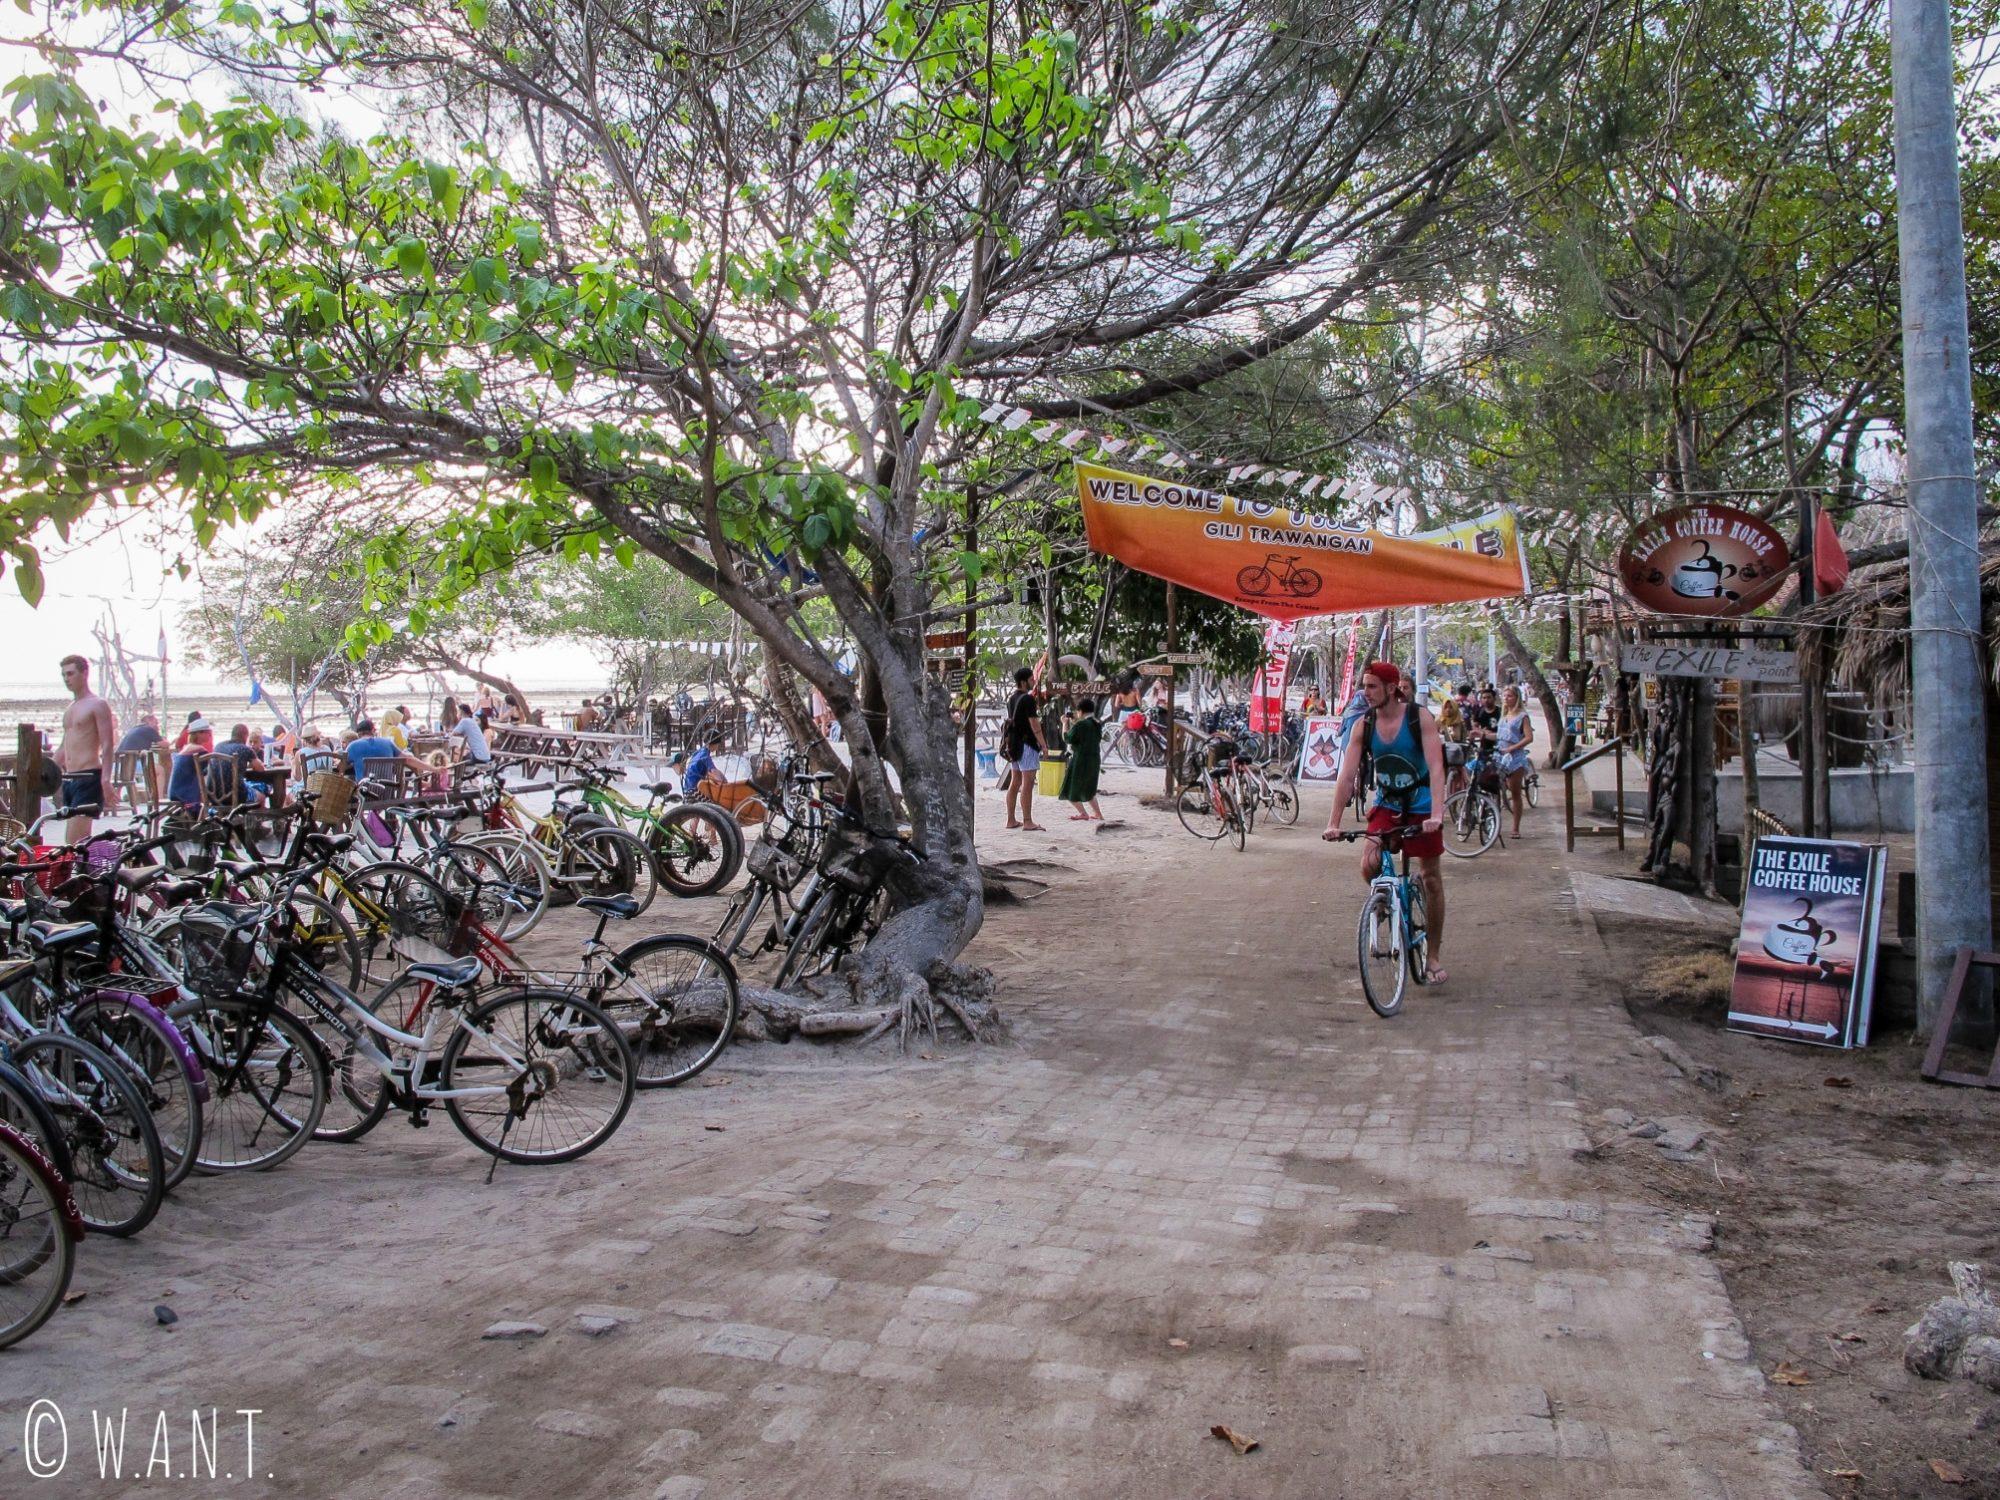 2017 - La végétation a été dévastée à l'ouest de l'île de Gili Trawangan pour créer hôtels et bars